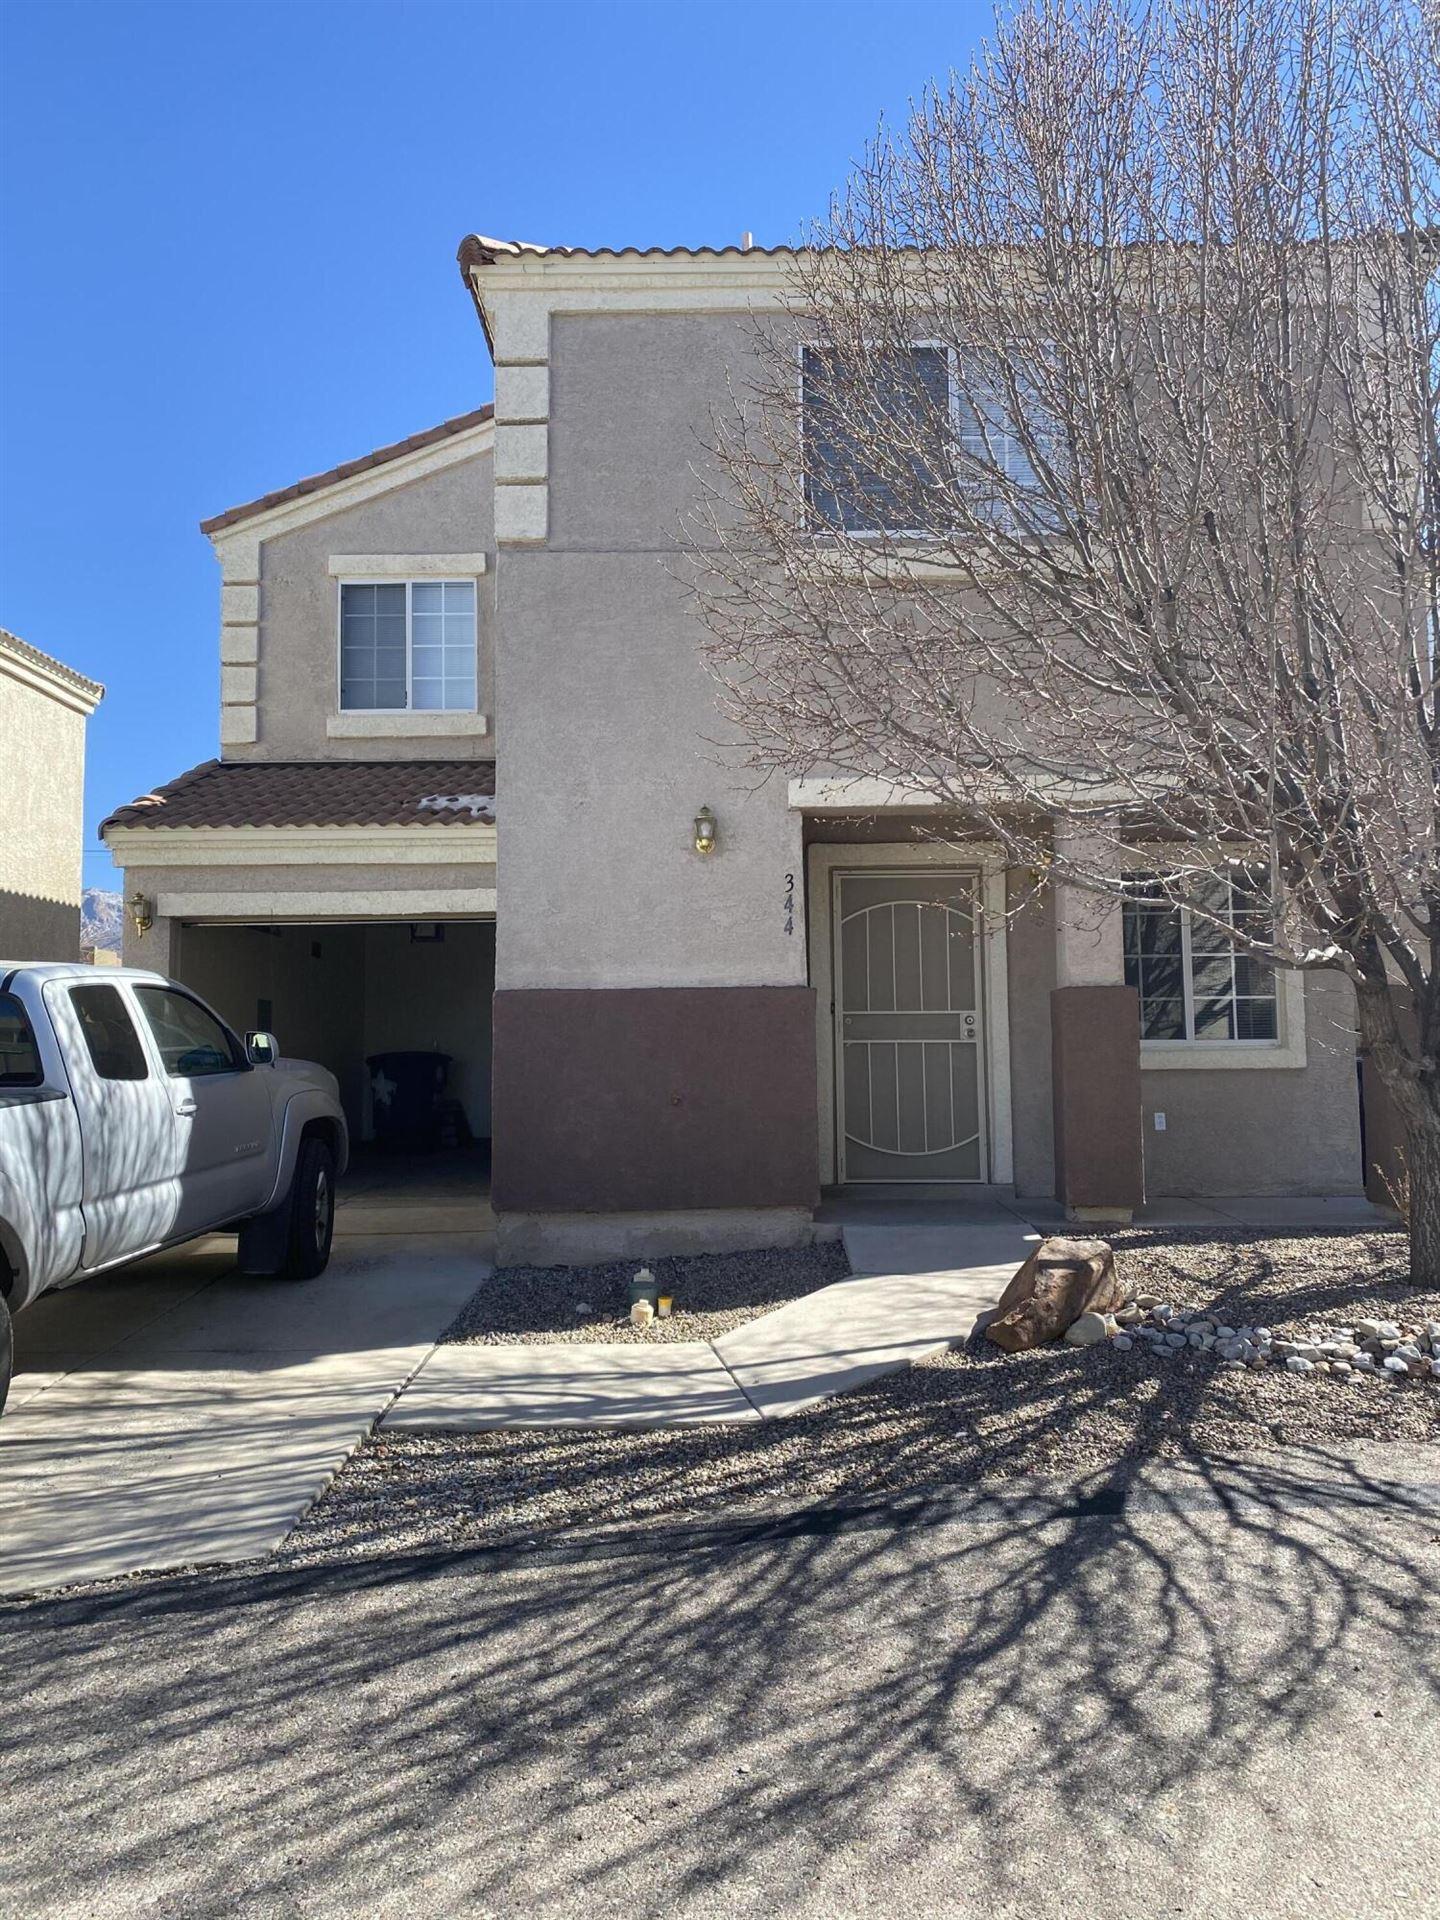 Photo of 344 PEQUIN Trail SE, Albuquerque, NM 87123 (MLS # 986292)